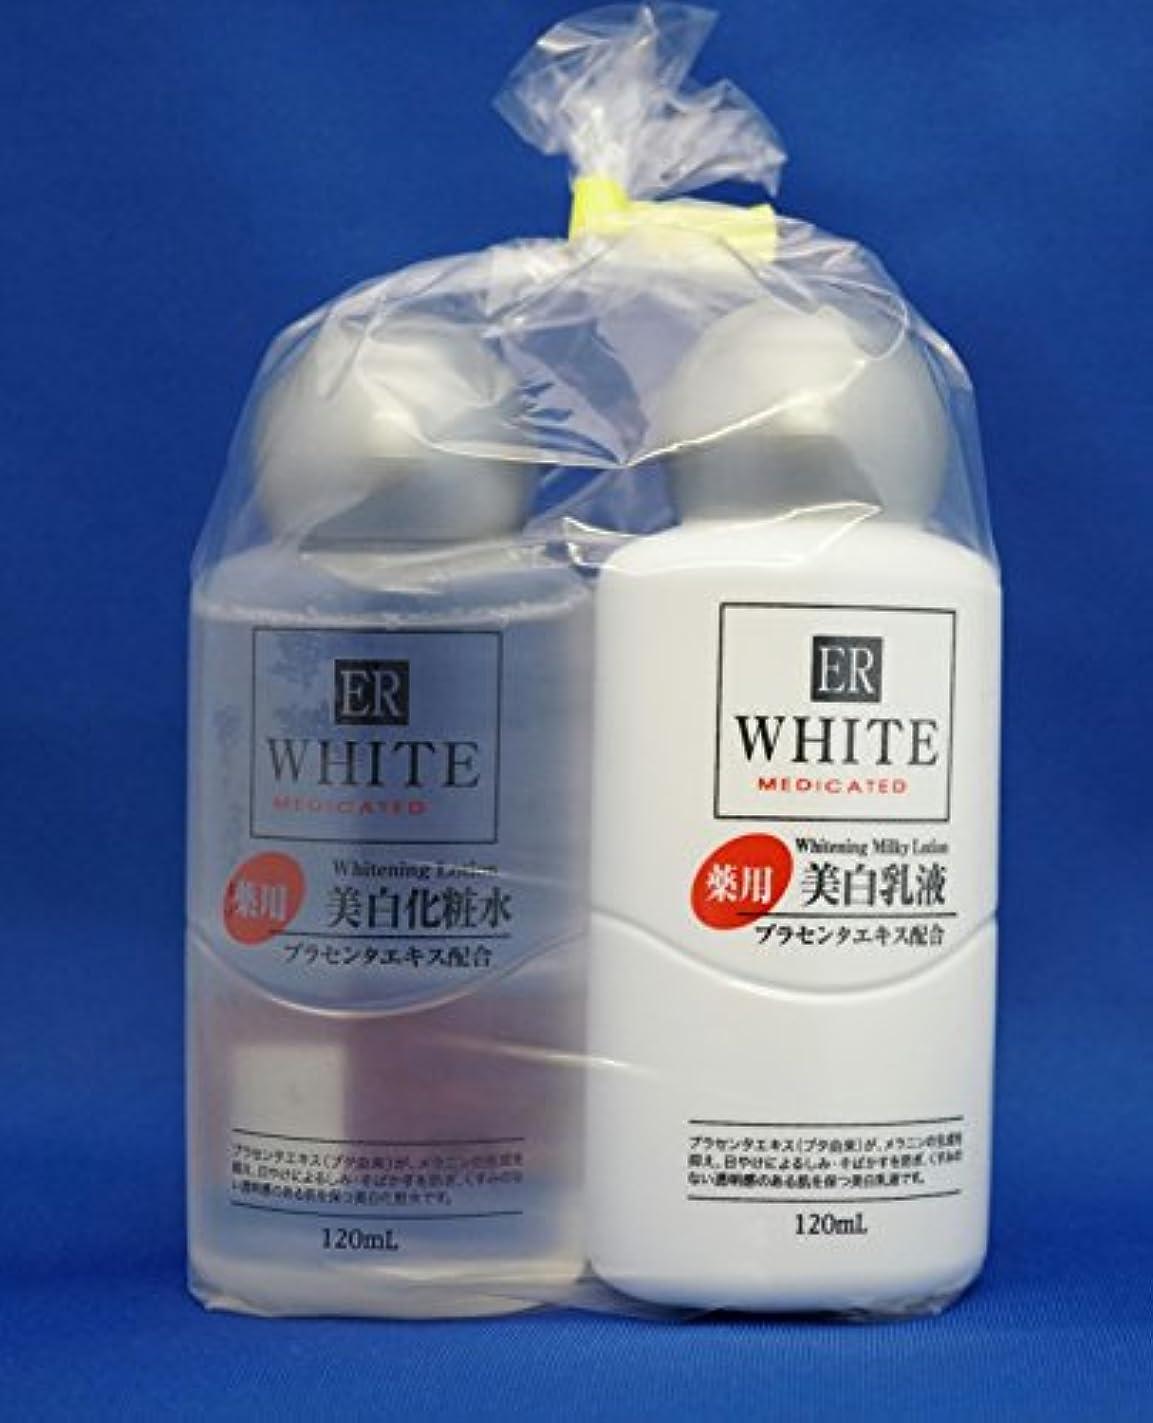 光沢読みやすいパール2個セット ダイソー ER コスモ ホワイトニング ミルクV(薬用美白乳液) と ER ホワイトニングローションV(薬用美白化粧水)